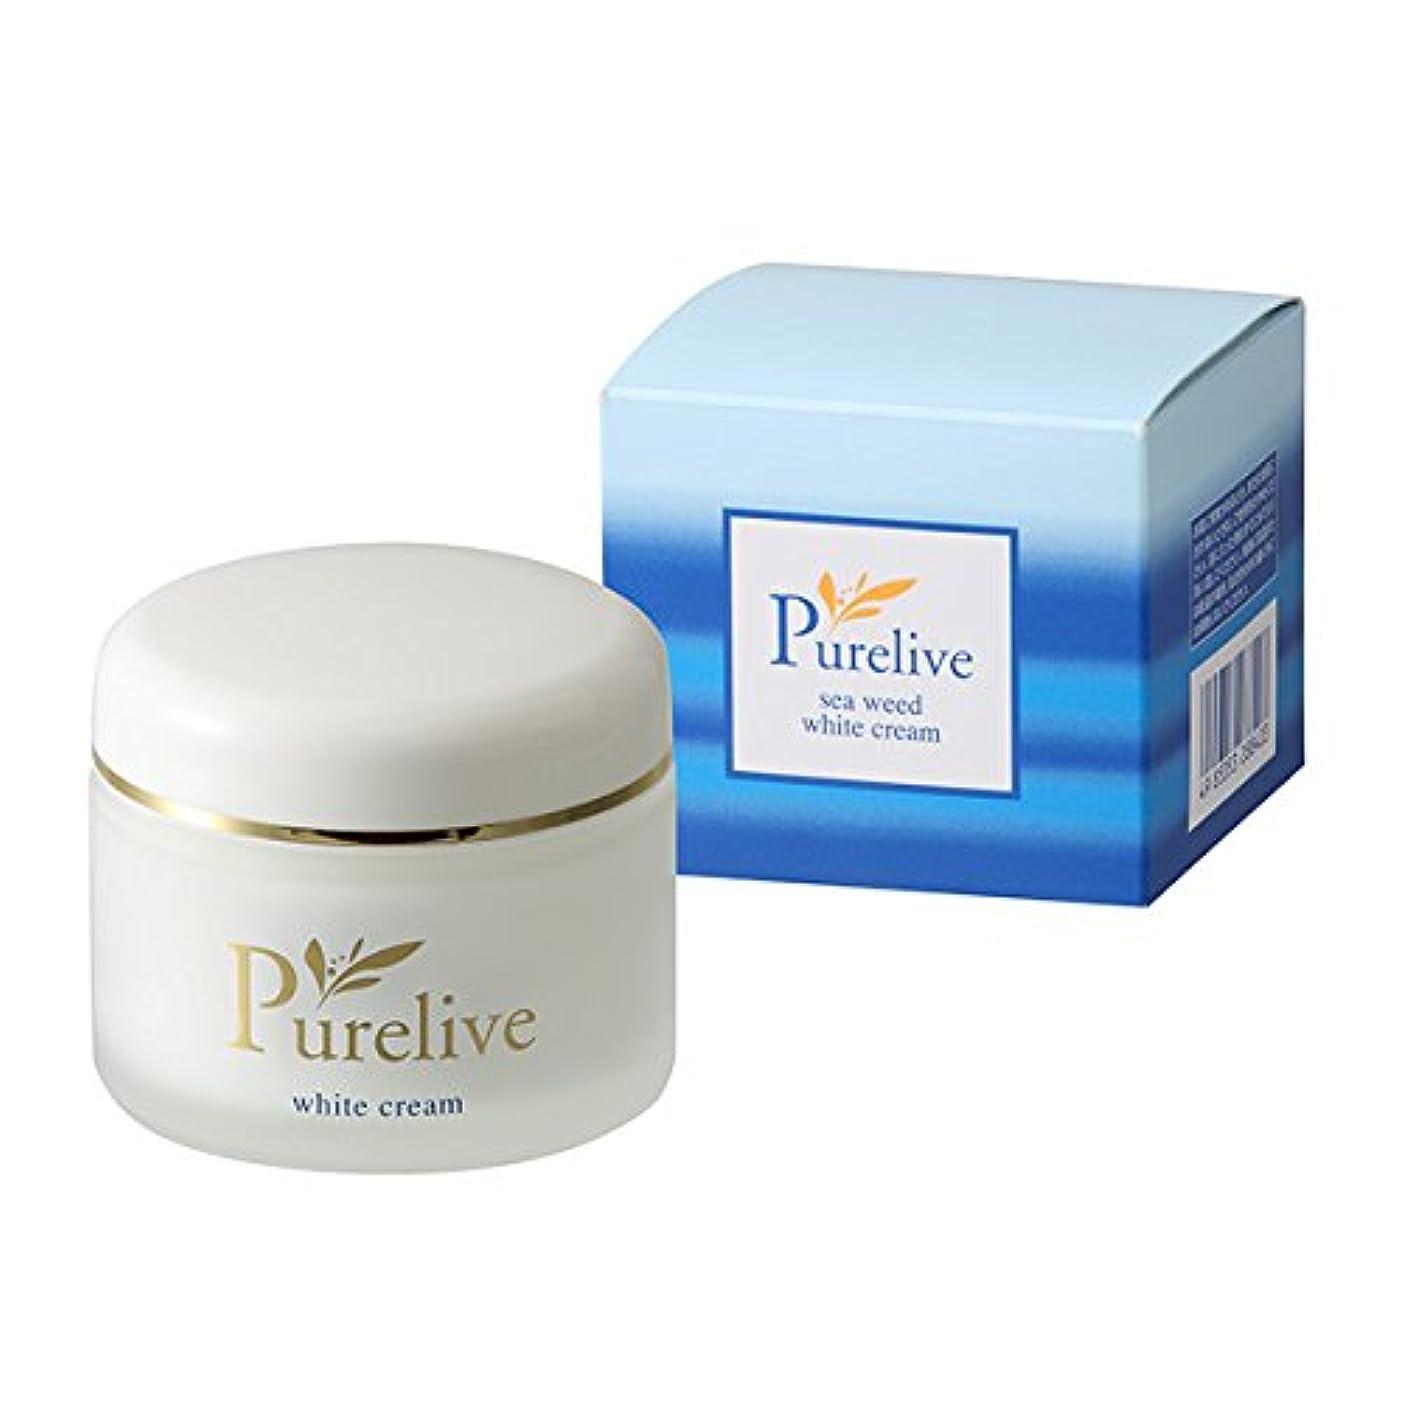 失礼な魅惑的な縞模様の[PURELIVE] ホワイト モイスチャークリーム White Moisture Cream‐KH320